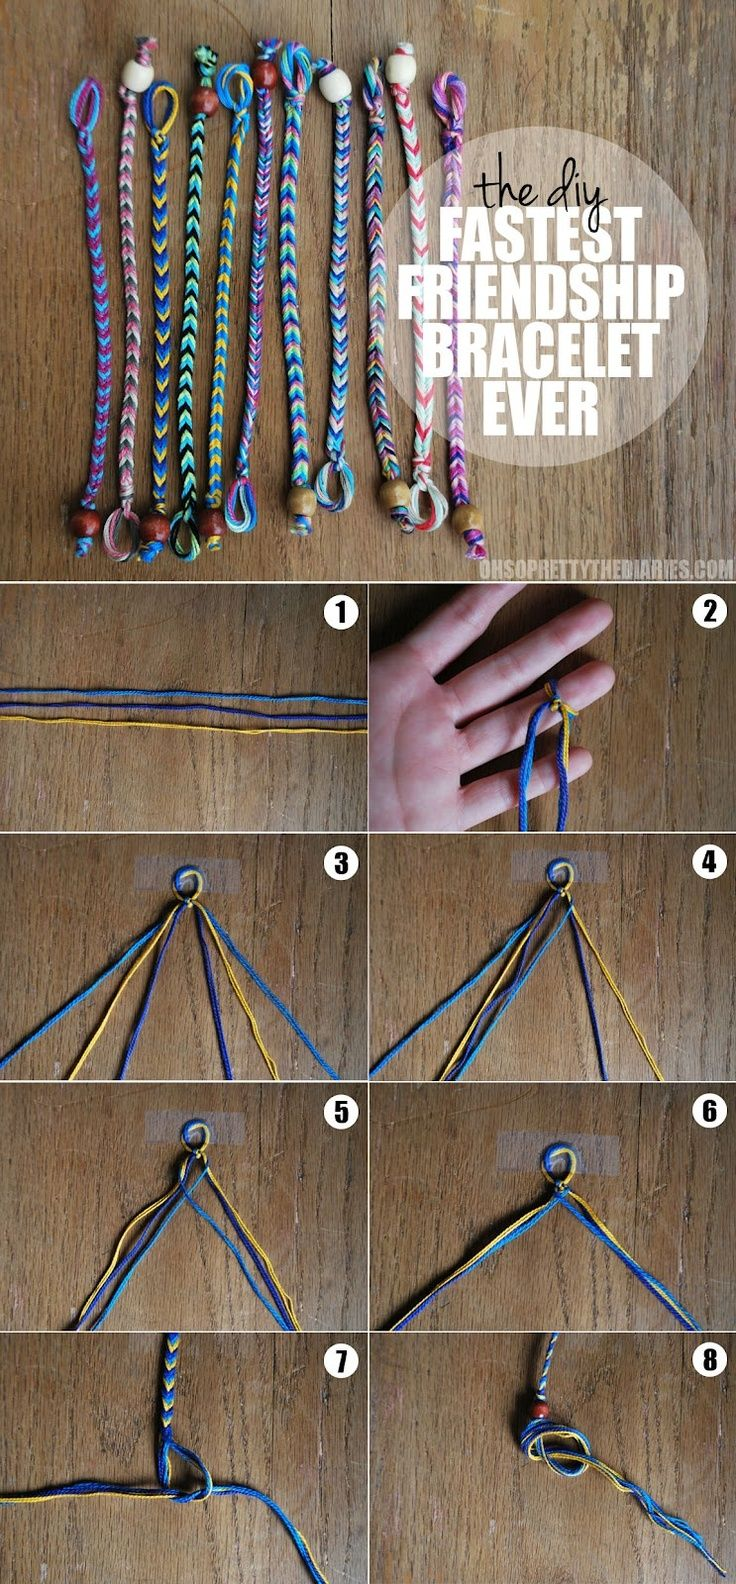 Делаем фенечки своими руками делаем фенечки своими руками